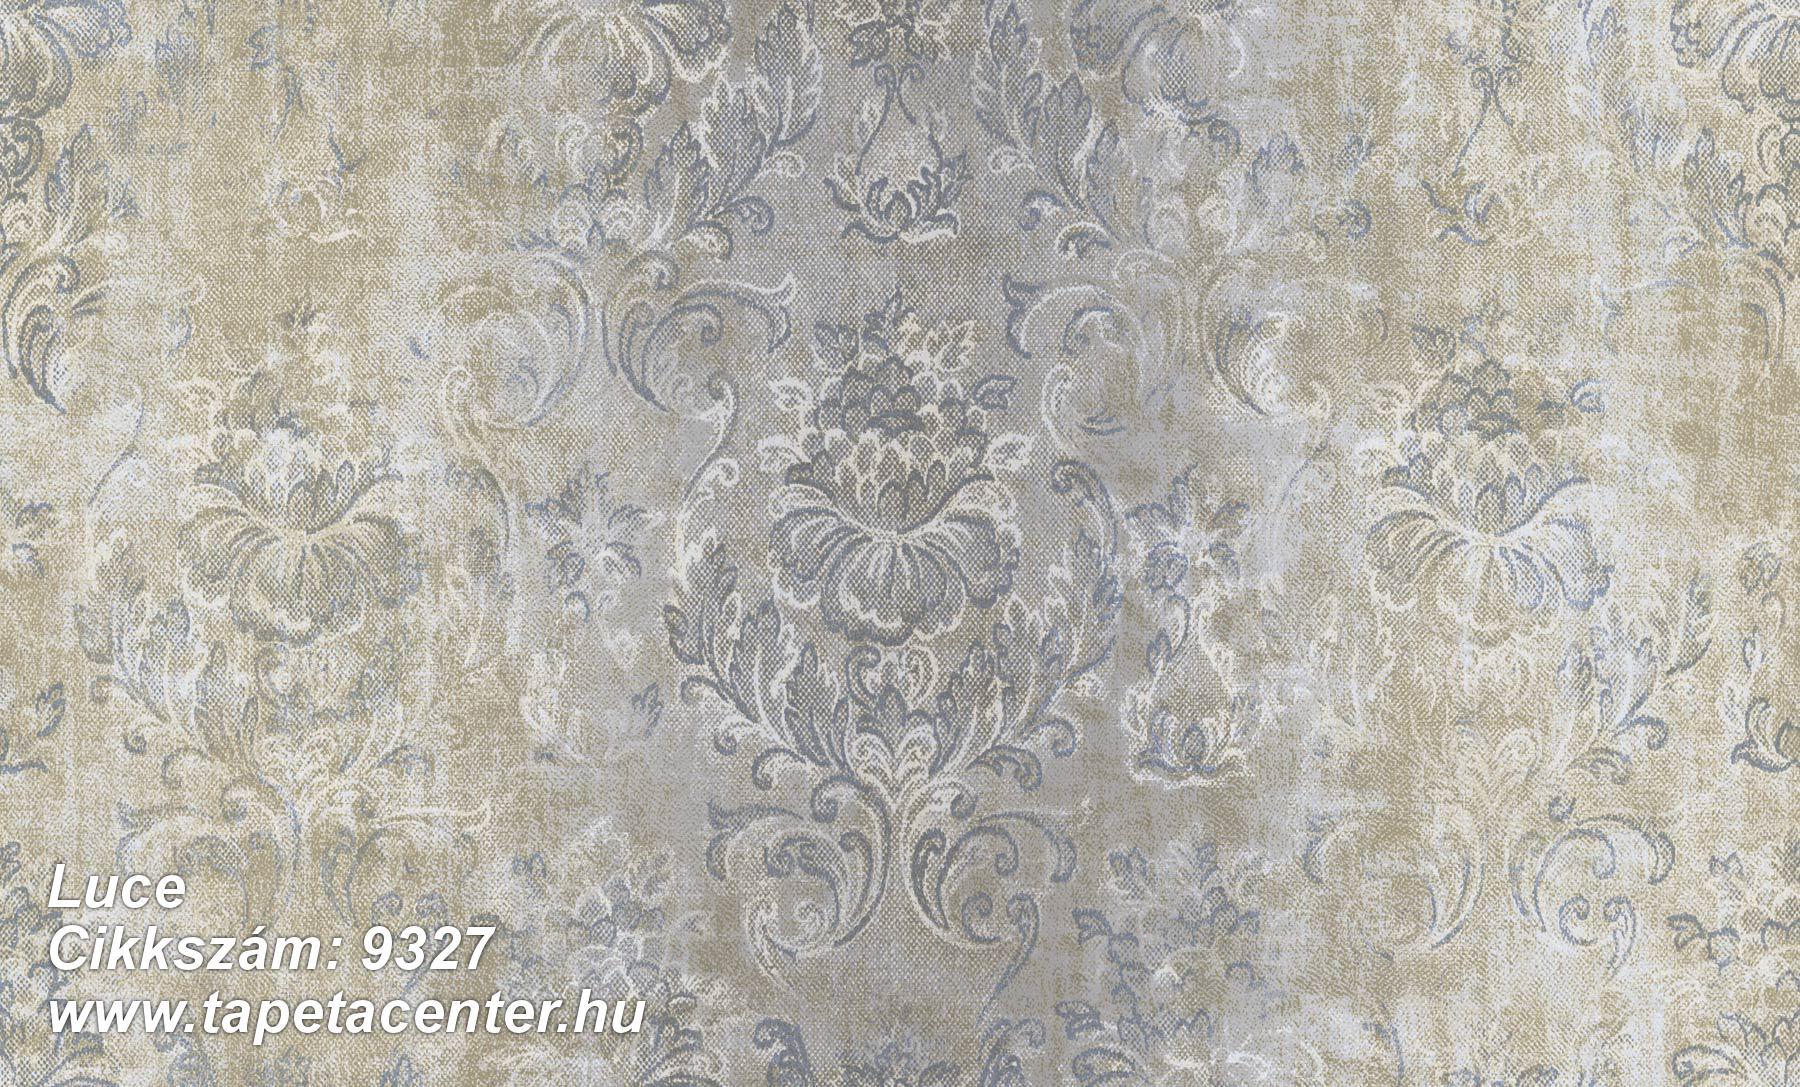 Barokk-klasszikus,textil hatású,virágmintás,barna,kék,szürke,súrolható,vlies tapéta